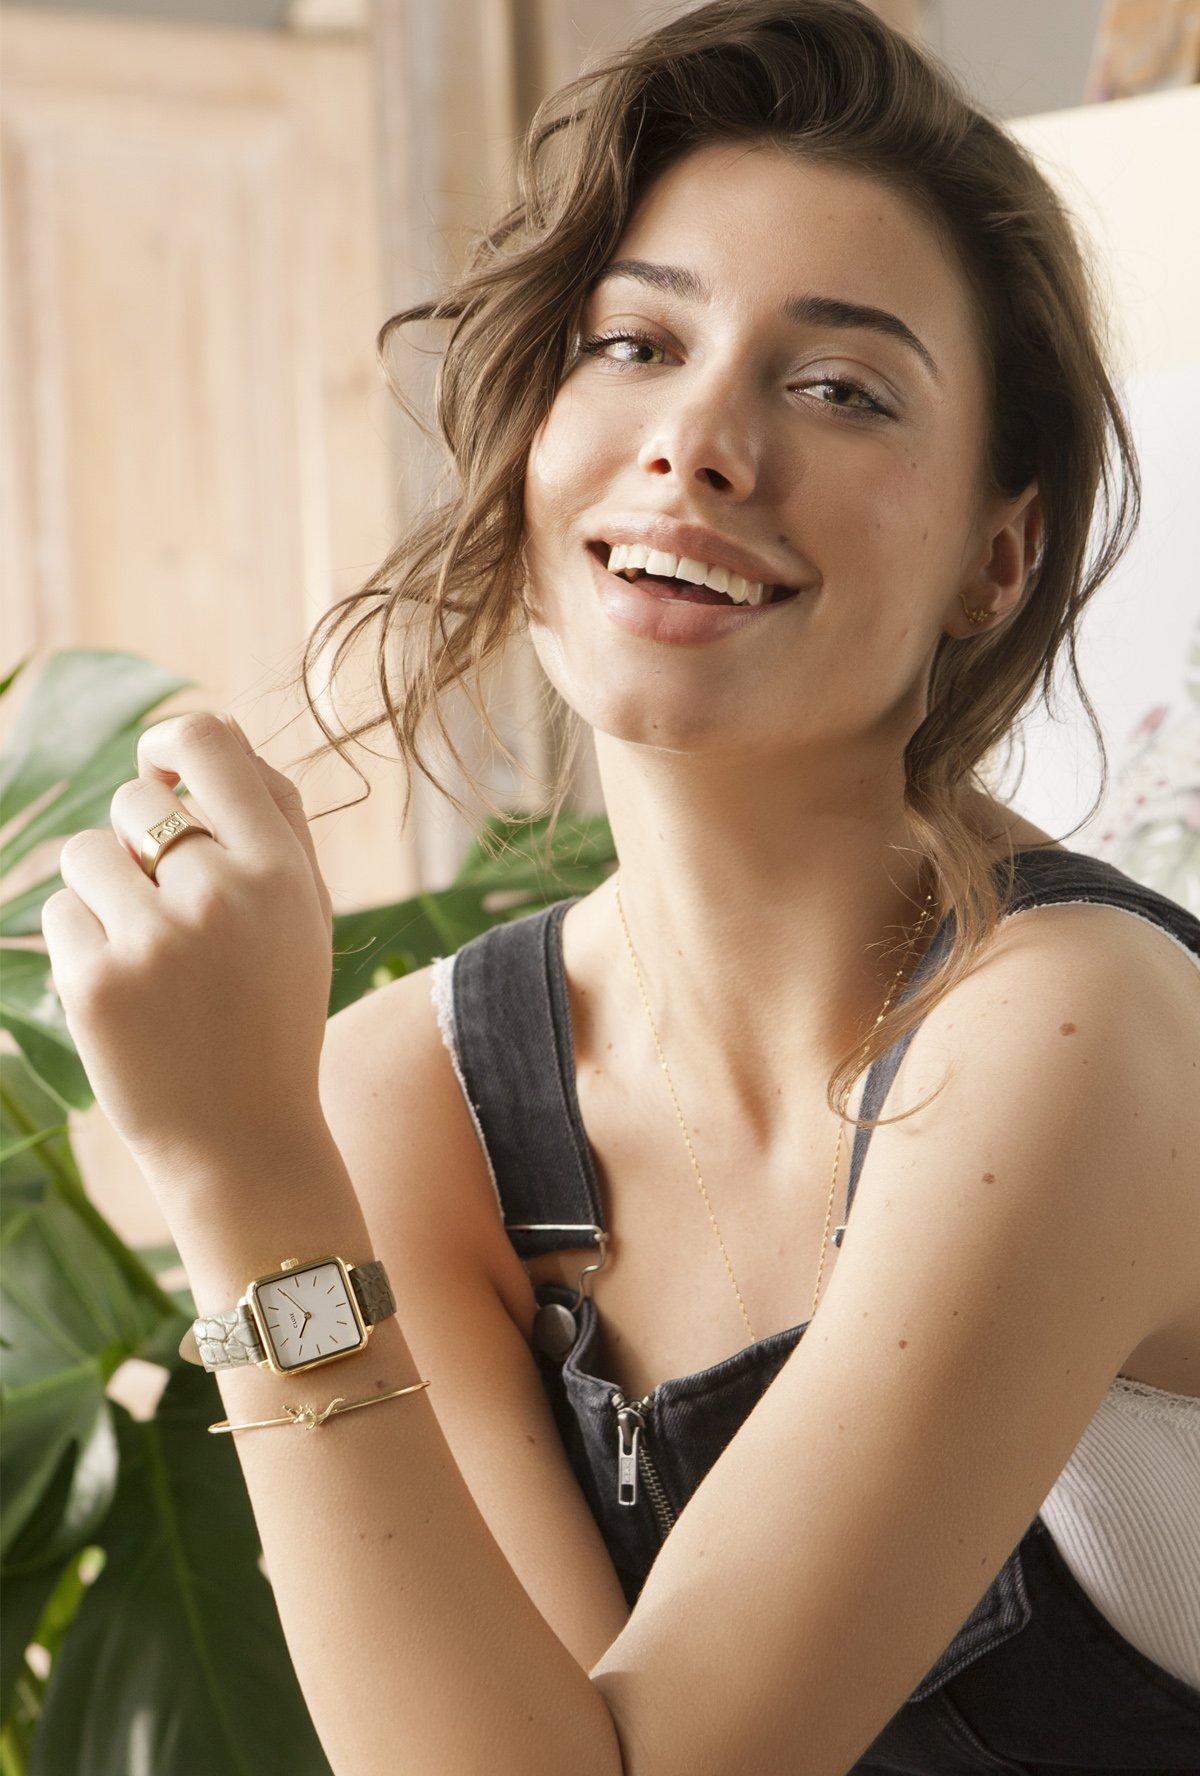 Piękny, damski zegarek Cluse CL60016 Gold White/Green Alligator posiada kopertę z mosiądzu w złotym kolorze. Tarcza zegarka jest minimalistyczna w białym kolorze z złotymi indeksami.